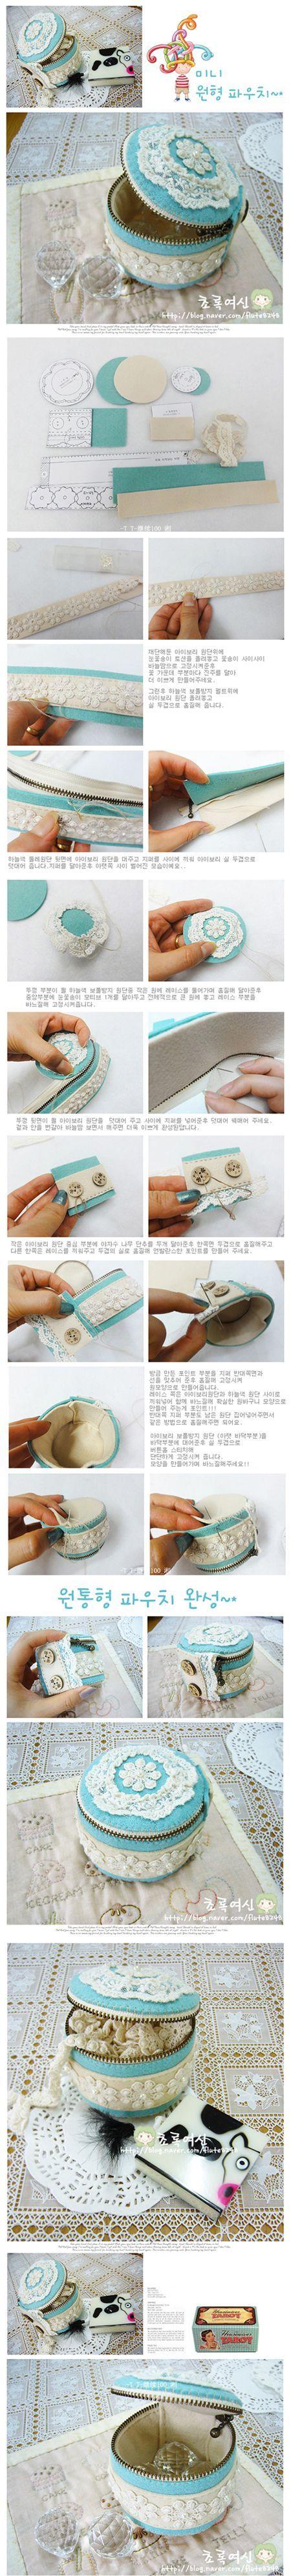 零钱包…_来自巧妈蜜乐儿的图片分享-堆糖网: